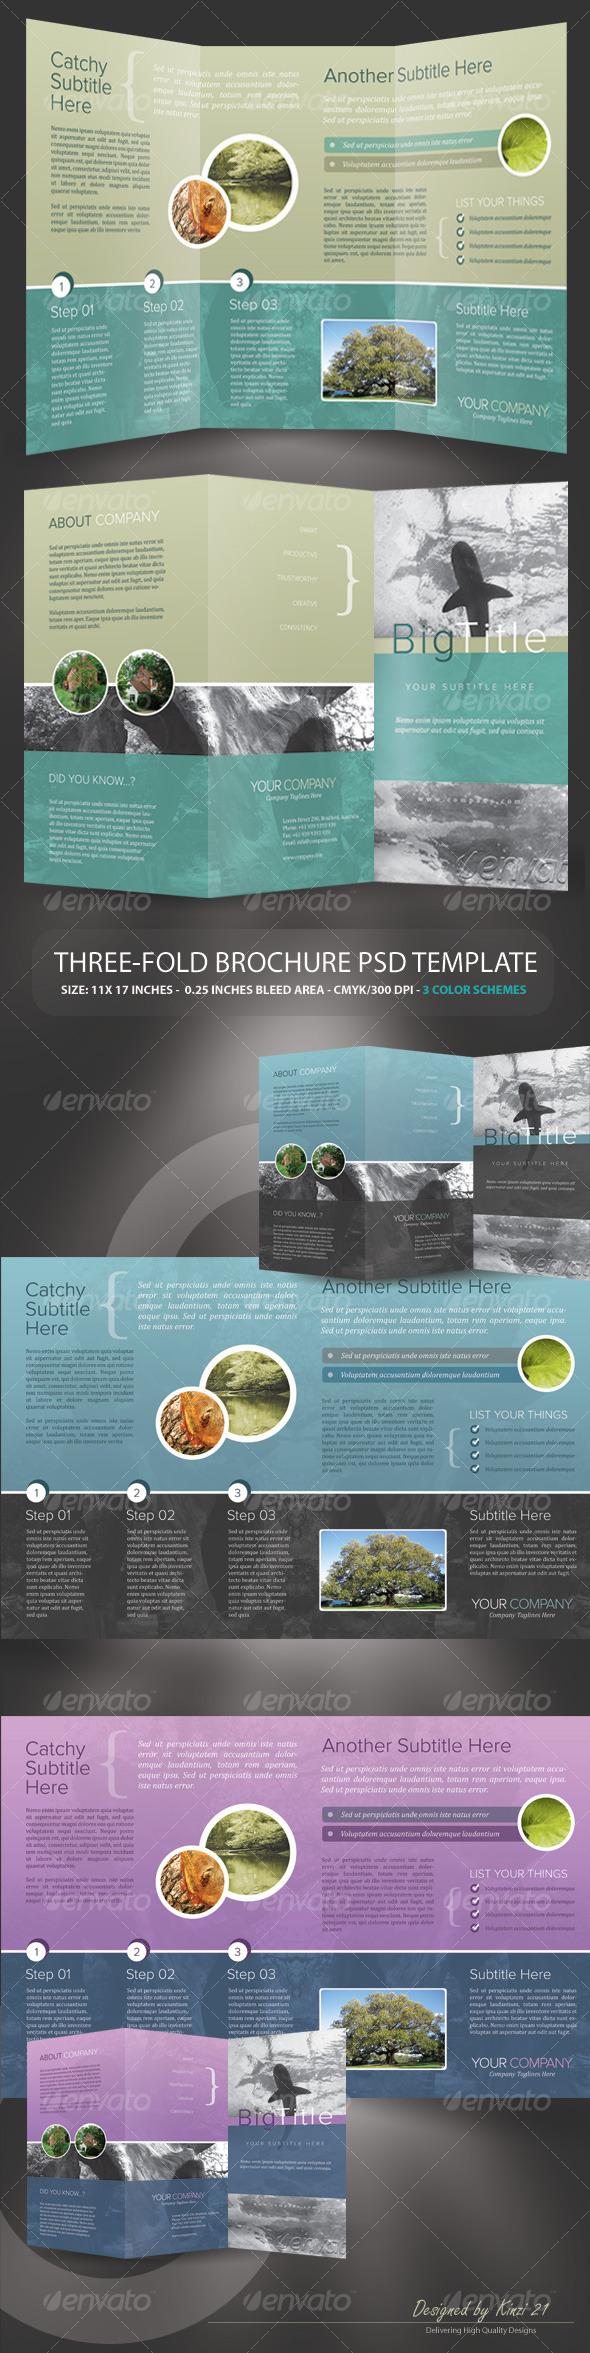 GraphicRiver Tri-fold Brochure PSD Template 130945